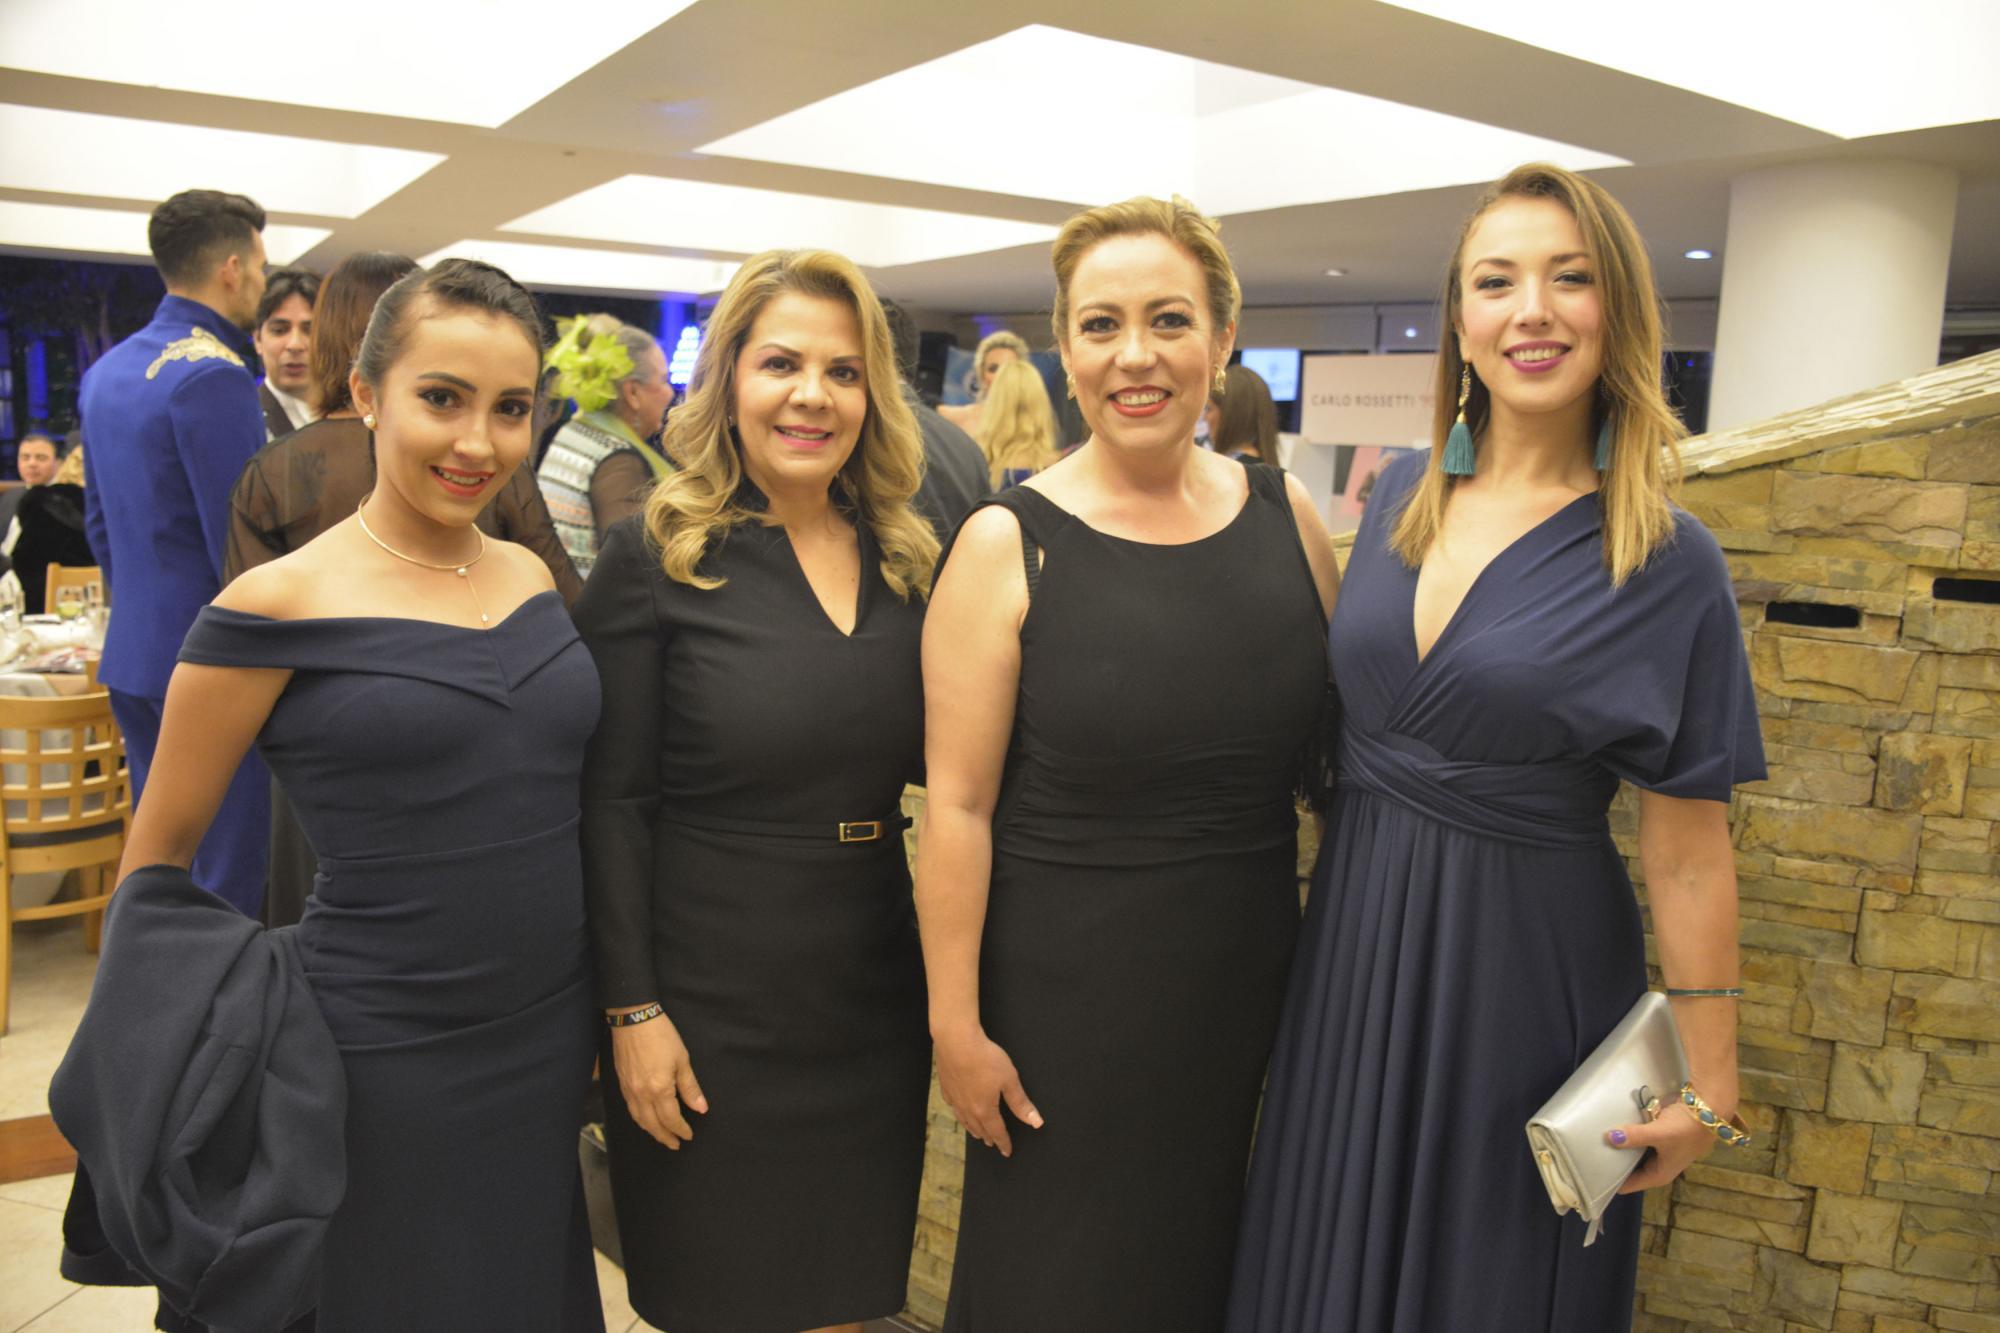 Alma Ruiz, Silvia Montes, la Wera Reynoso y Casandra Salas